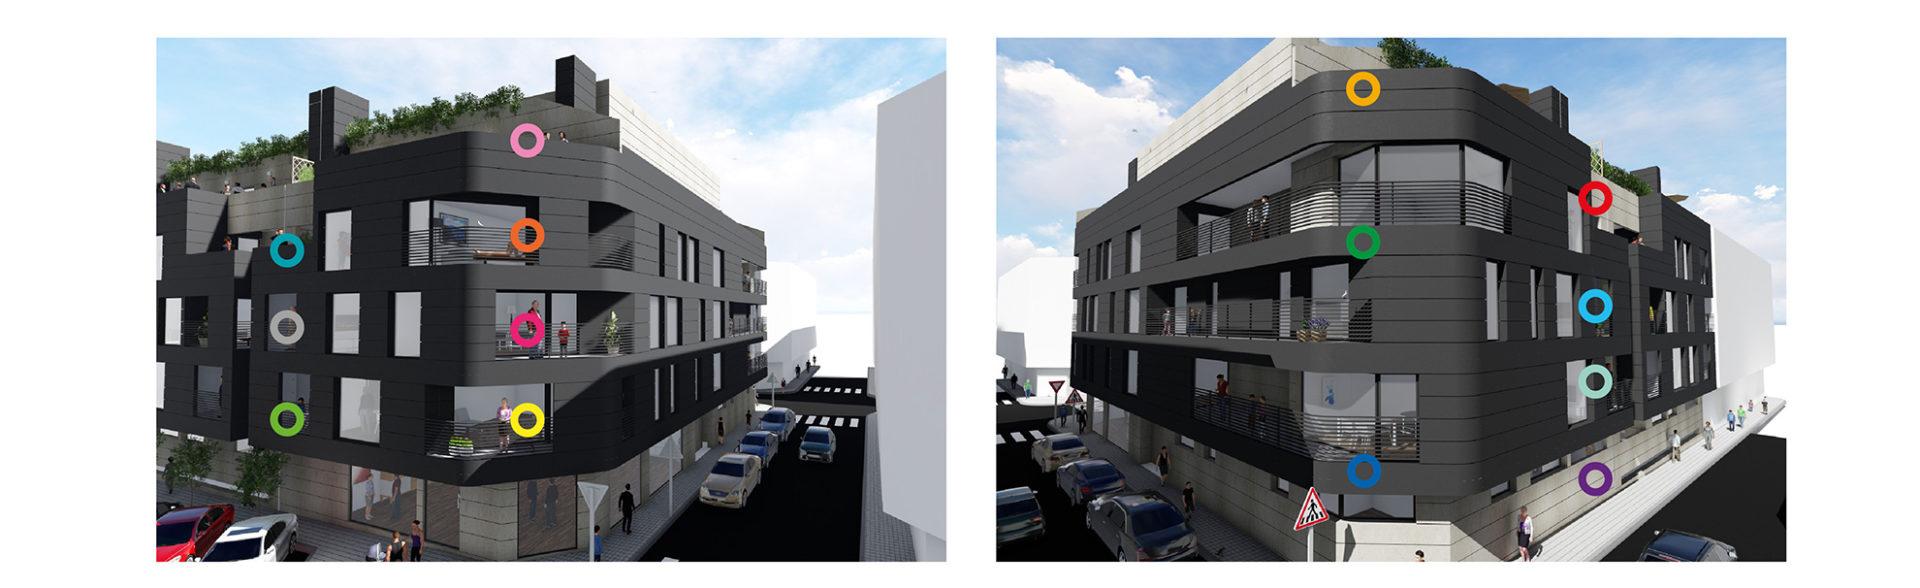 edificio-dooko-precios-La vivienda que buscas en Villena-Tu hogar singular-personalizacion